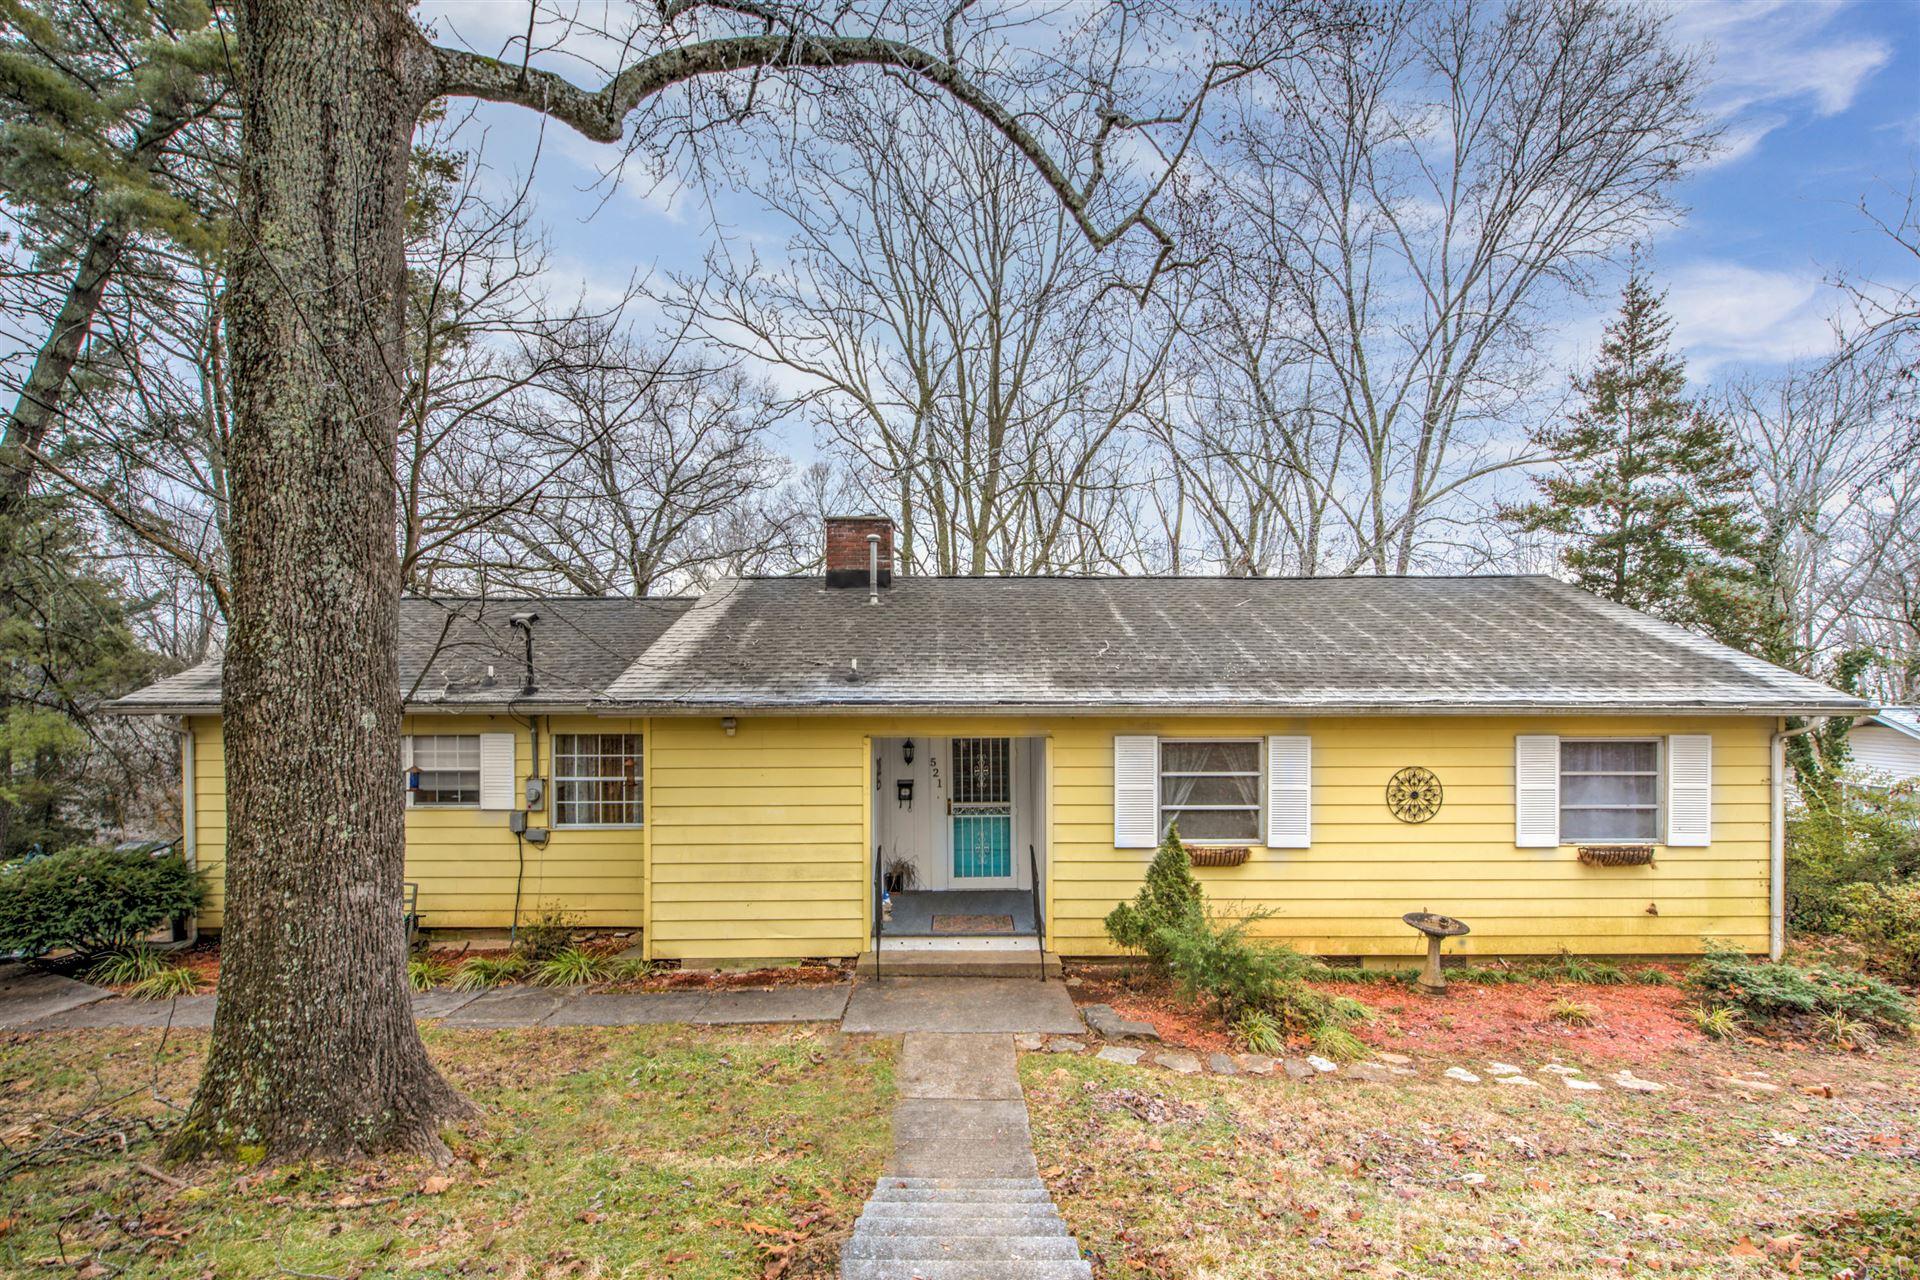 Photo of 521 Delaware Ave, Oak Ridge, TN 37830 (MLS # 1139885)